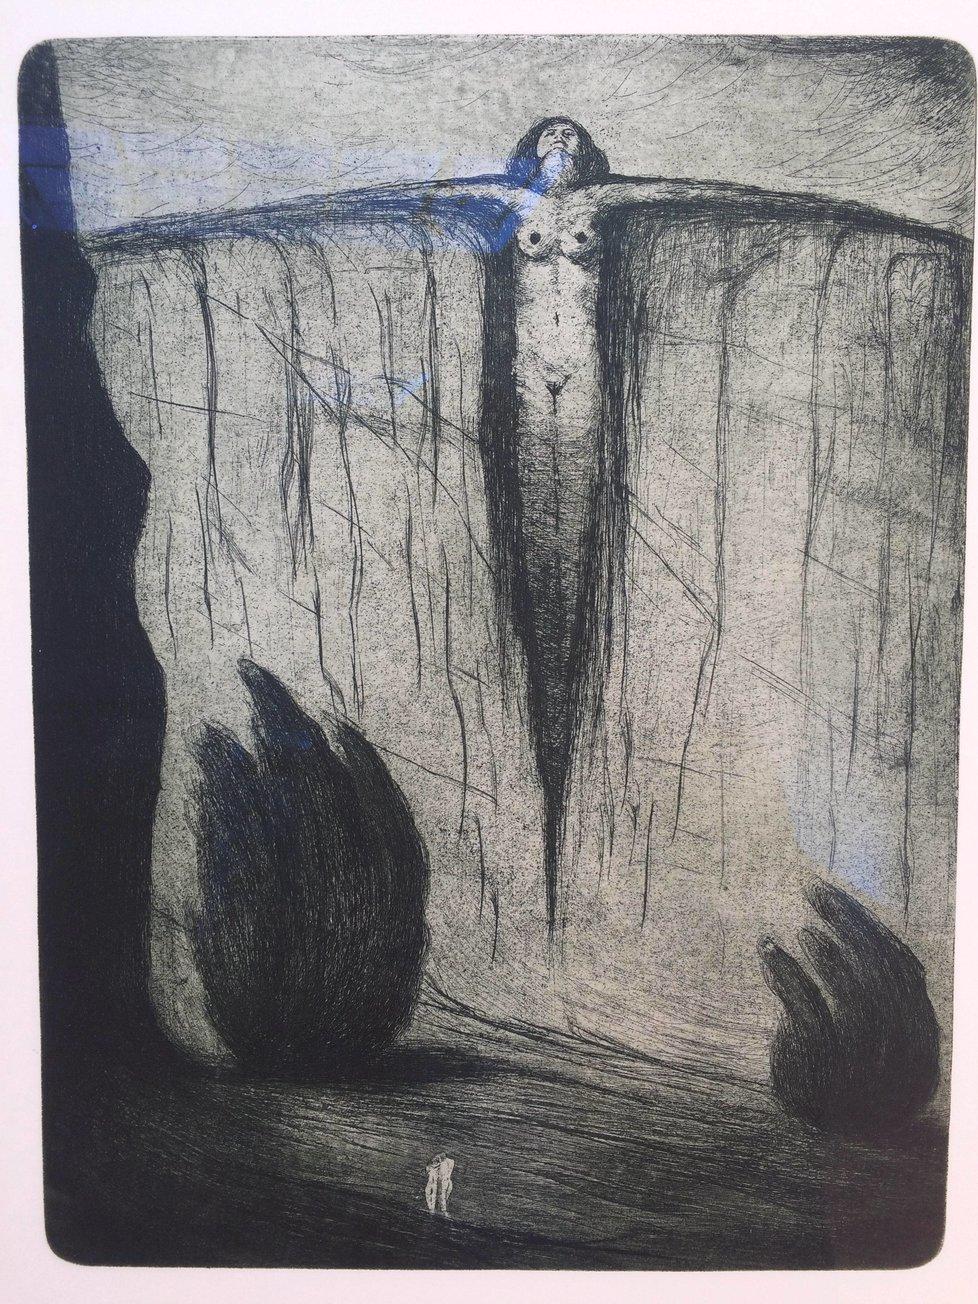 Pověstný byl Drtikol svými fotografickými akty. I na malbách se tu a tam nahé ženské tělo objeví.